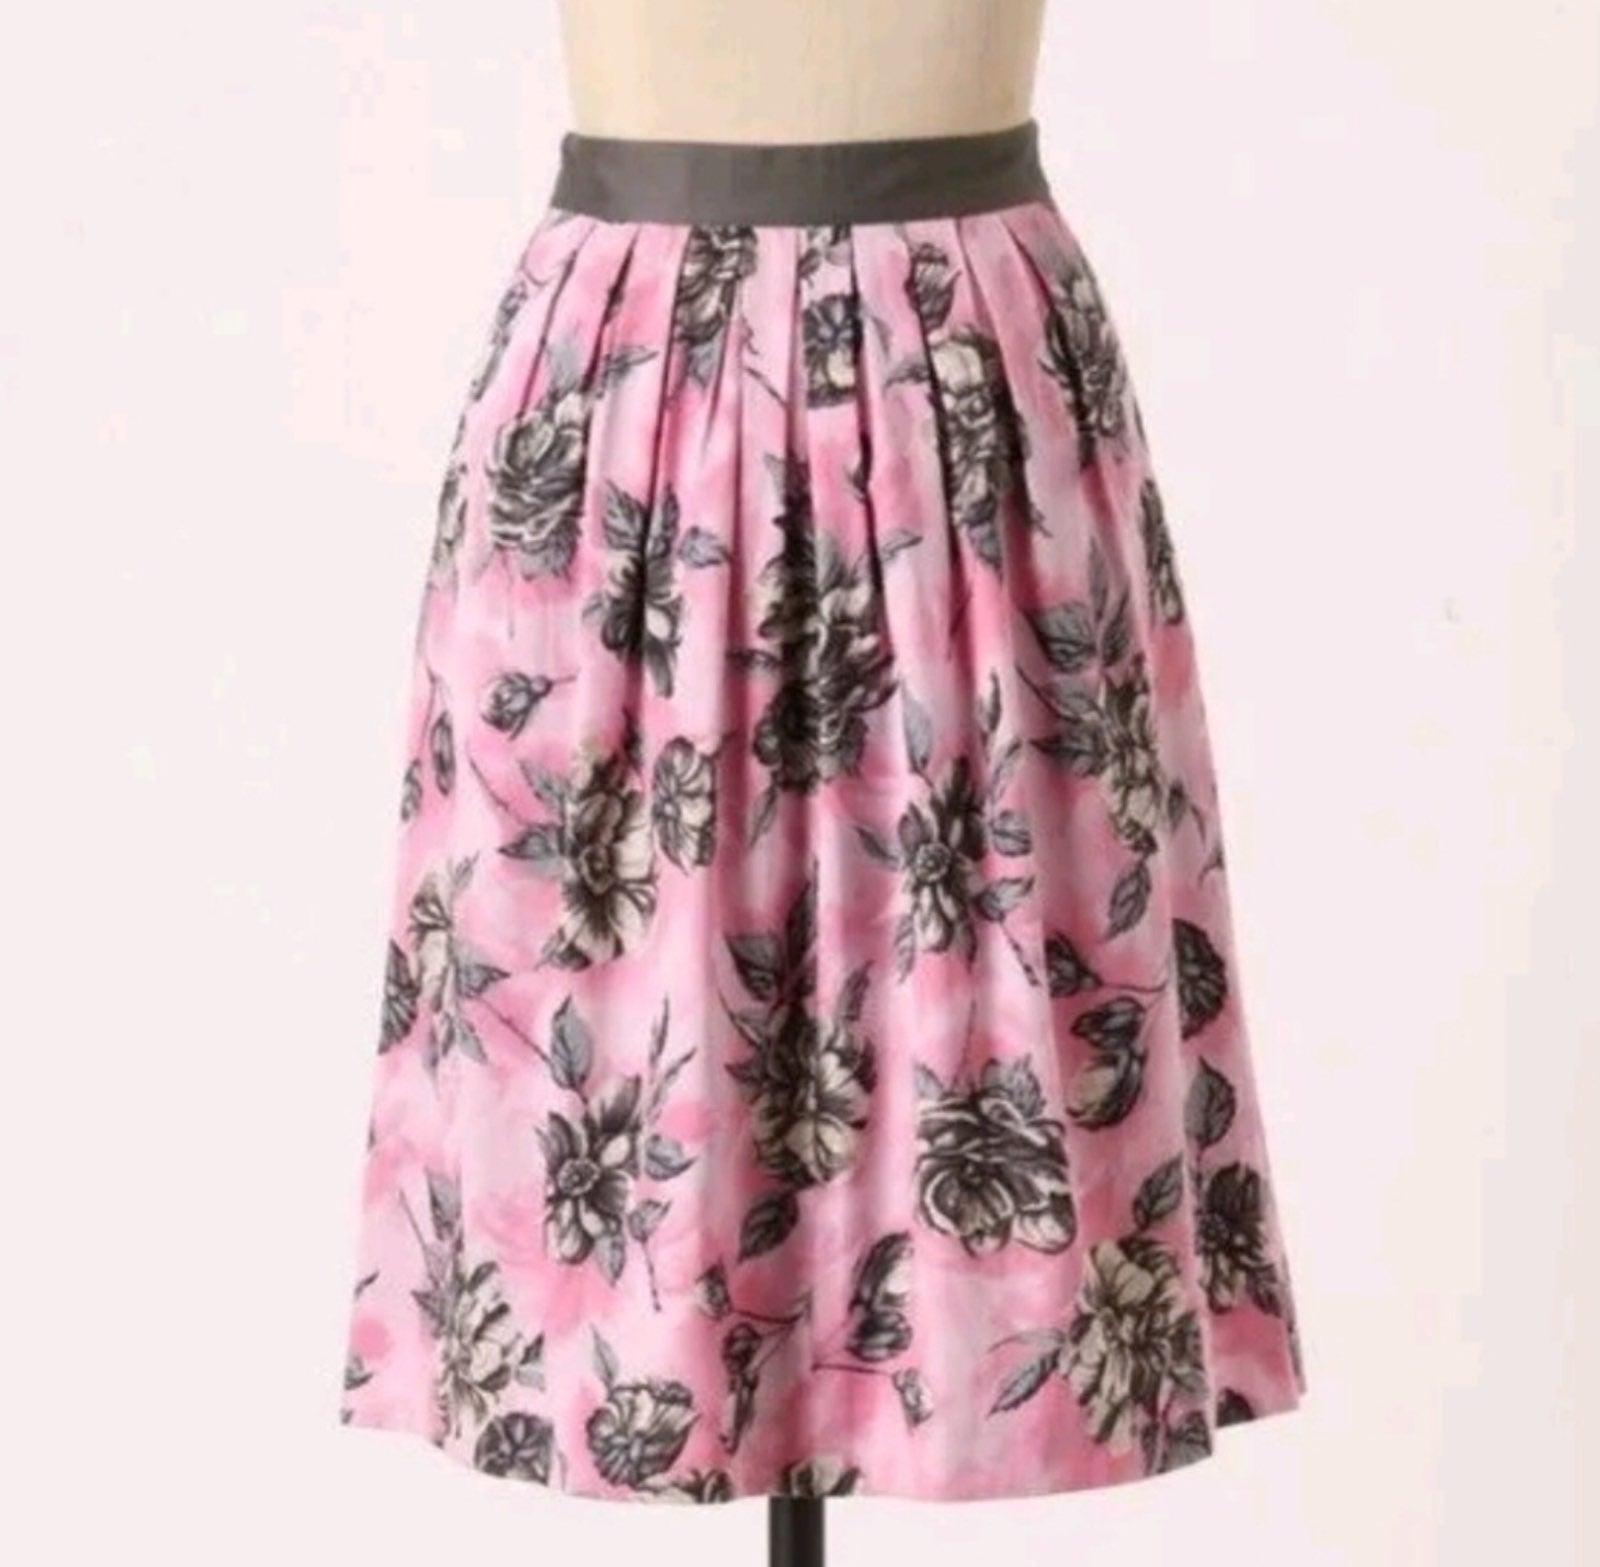 Anthro Odille Splendid Celebration Skirt